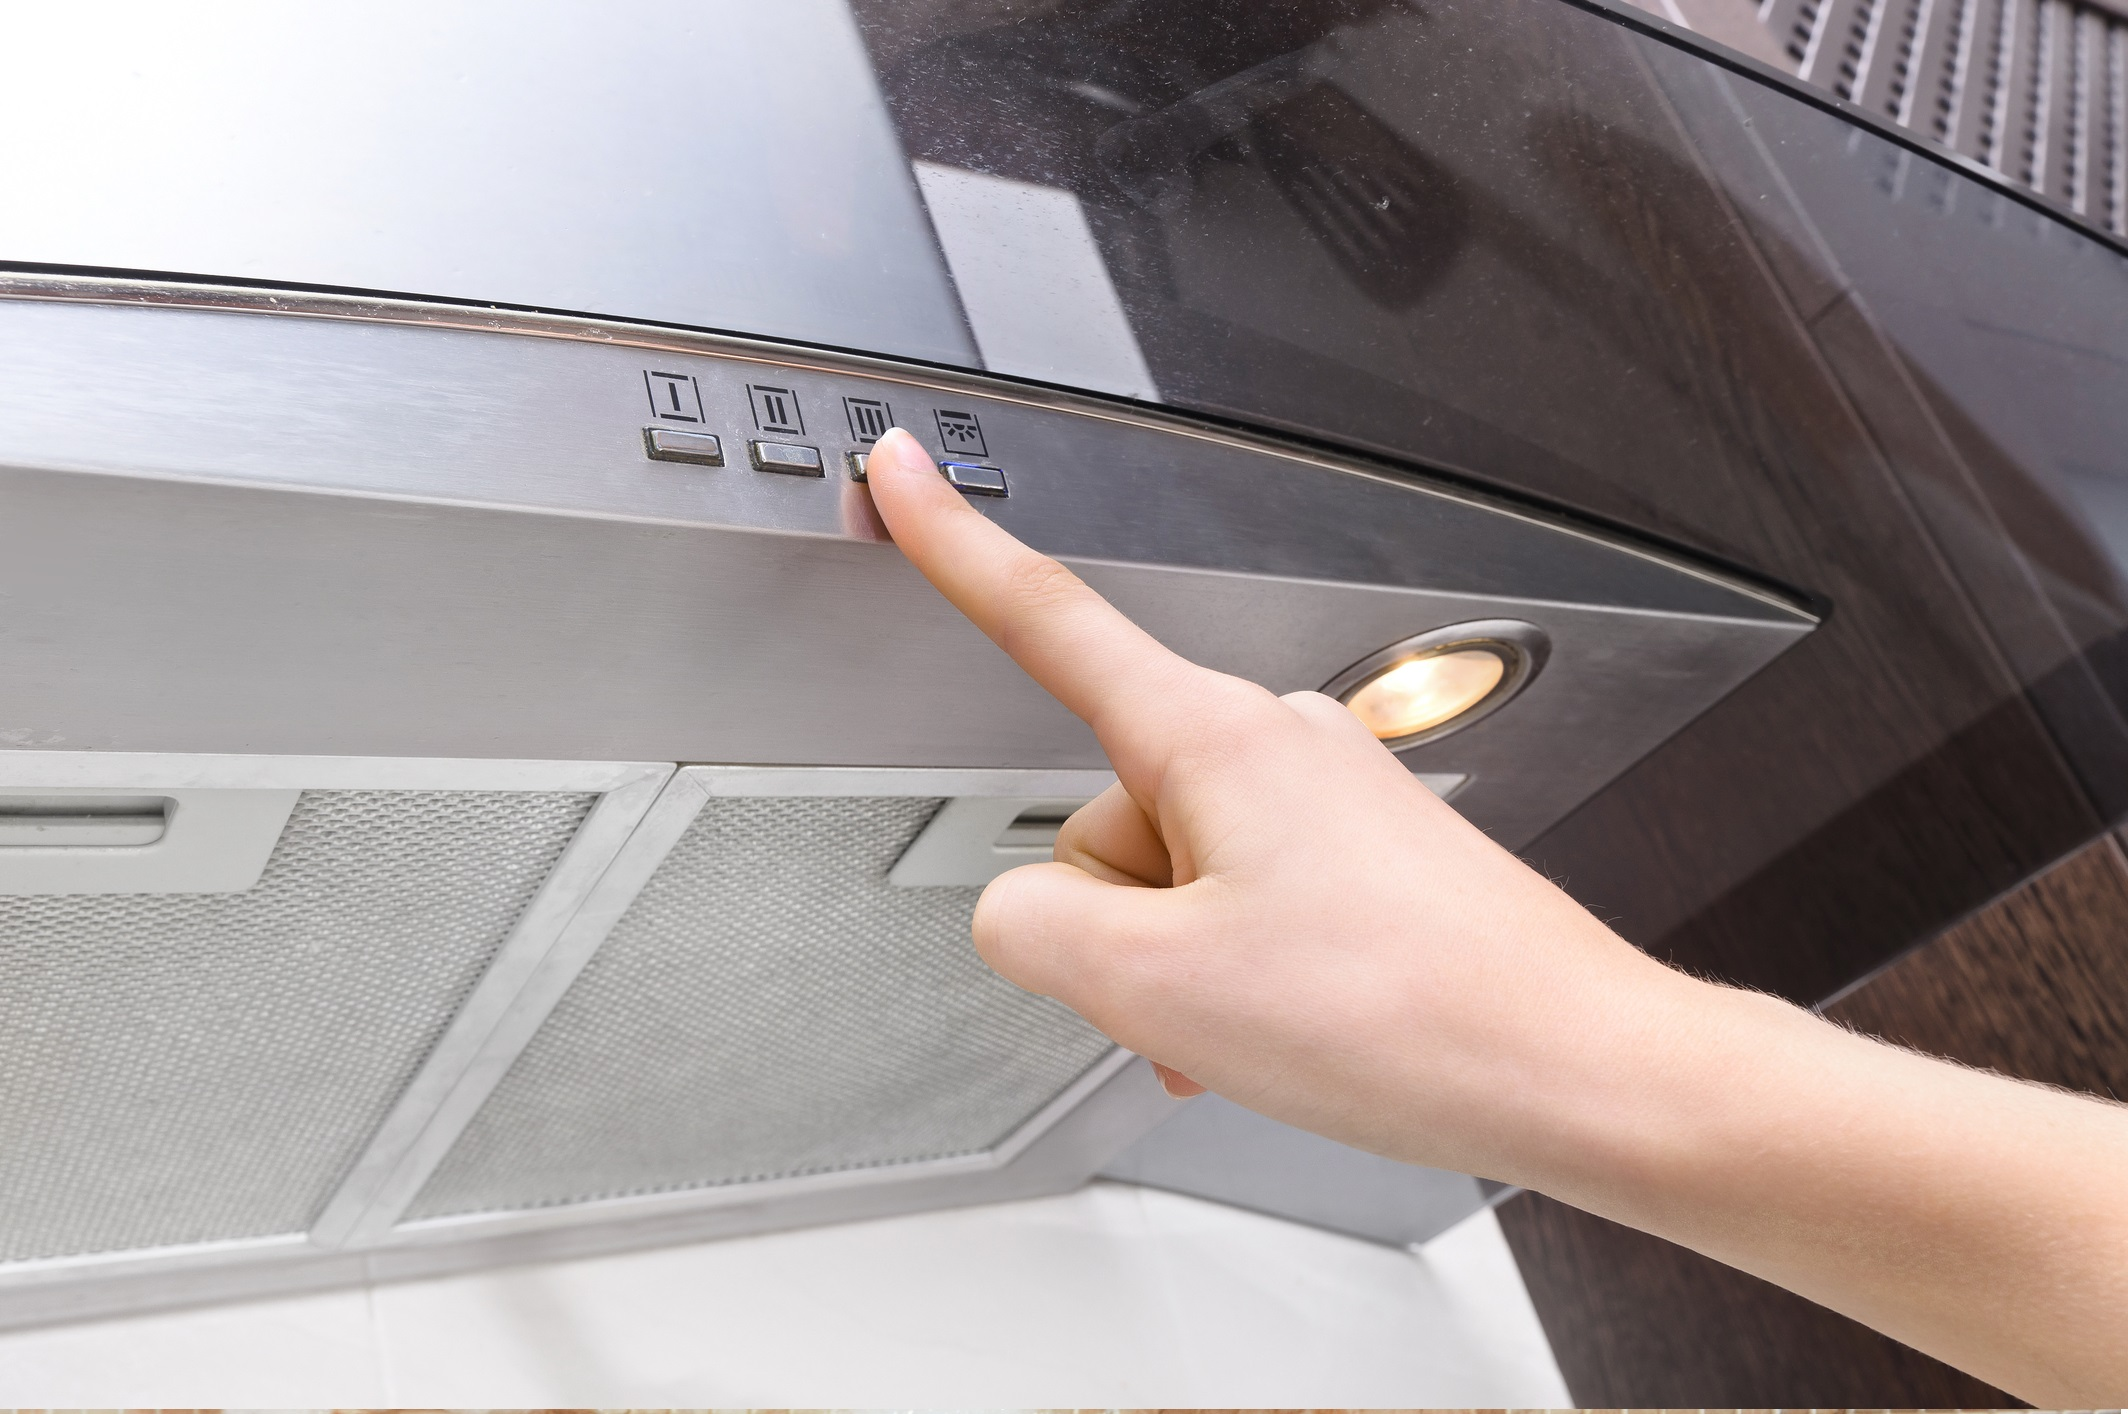 <p>Почиствайте въздуха, докато вършите обикновени неща<br /> <br /> Използвайте вентилатор за банята и абсорбатор в кухнята &ndash; те също помагат за почистването на въздуха.</p>